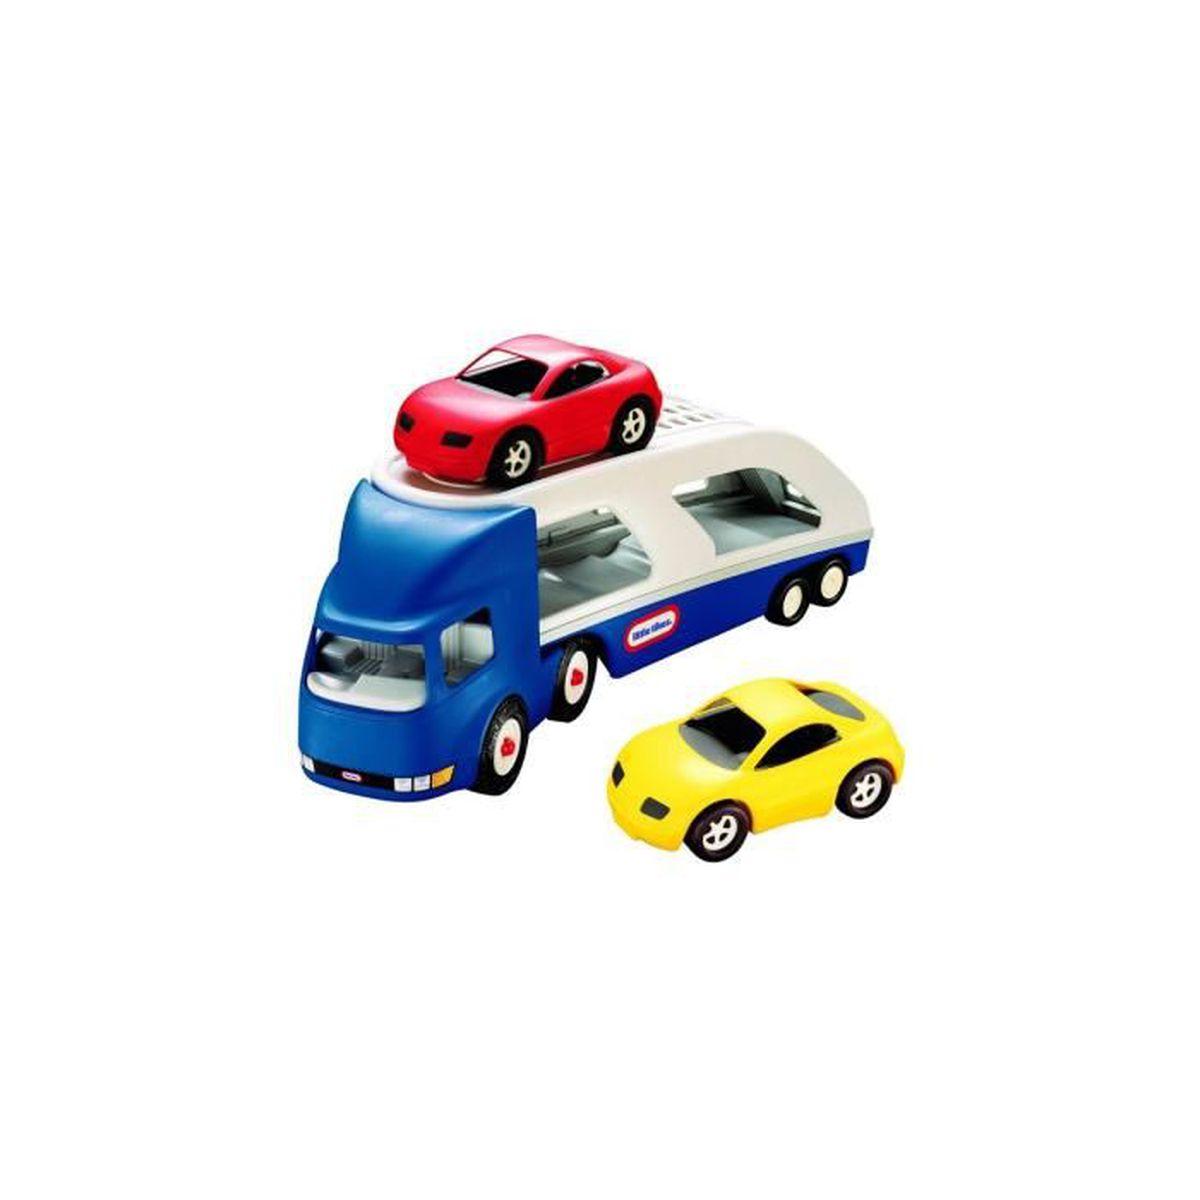 grand camion transporteur auto avec 2 voitures little tikes achat vente v hicule circuit. Black Bedroom Furniture Sets. Home Design Ideas